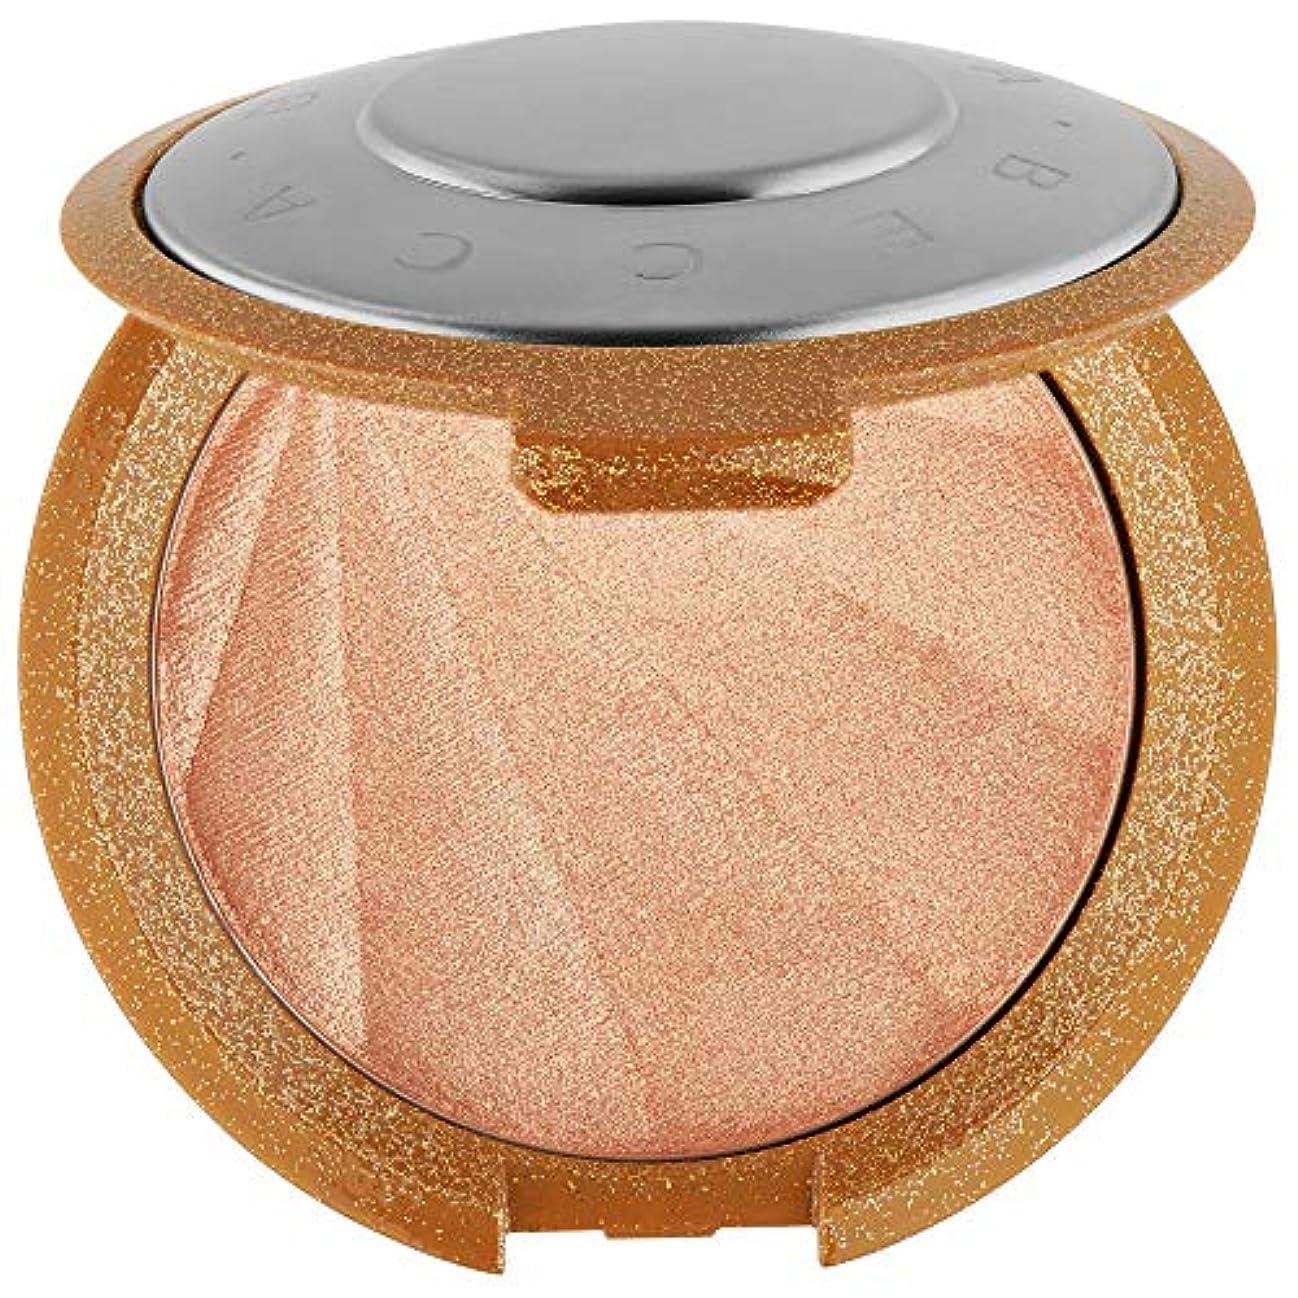 ボス反乱再現するベッカ Shimmering Skin Perfector Pressed Powder - # Champagne Pop (Collector's Edition) 7g/0.25oz並行輸入品